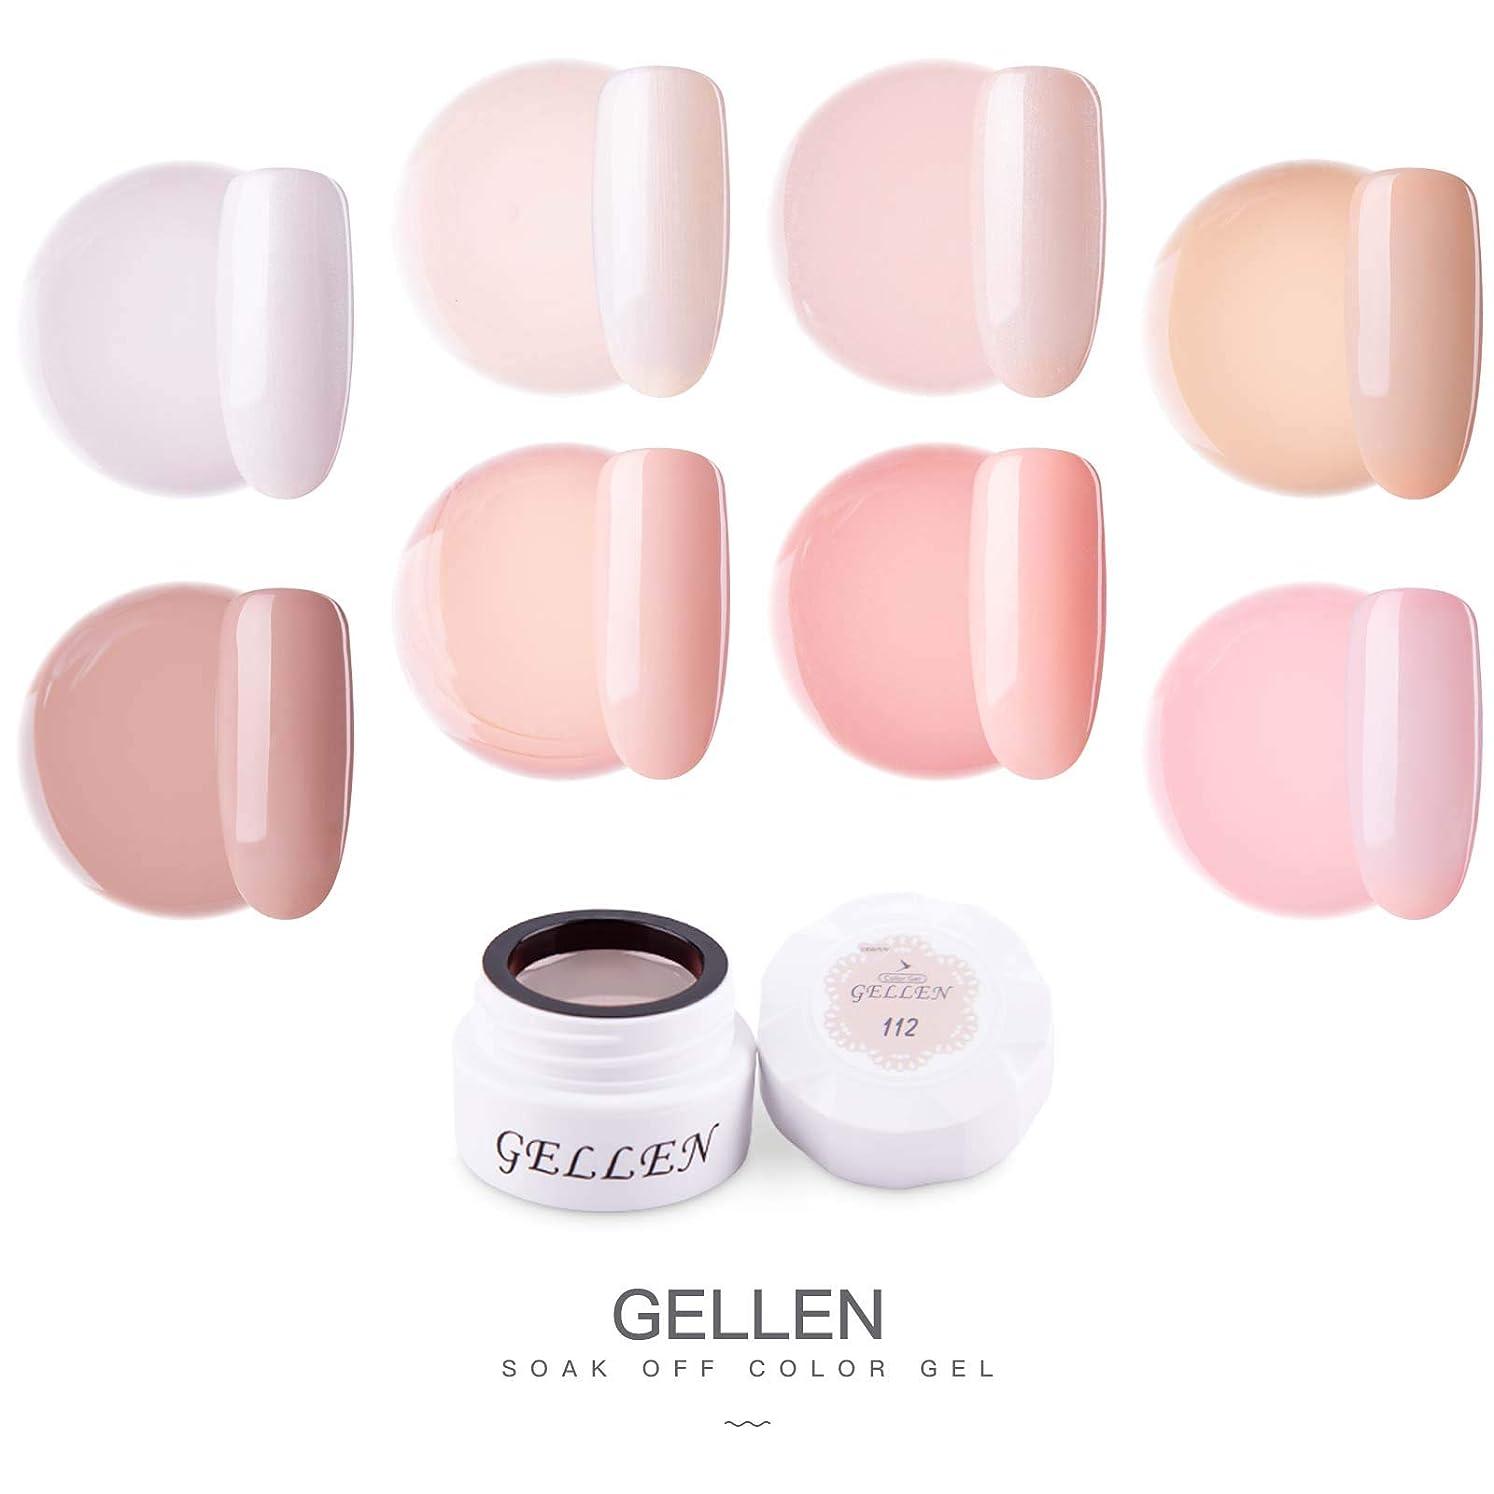 やめる愛ブランド名Gellen カラージェル 8色 セット[ヌードピンク系]高品質 5g ジェルネイル カラー ネイルブラシ付き